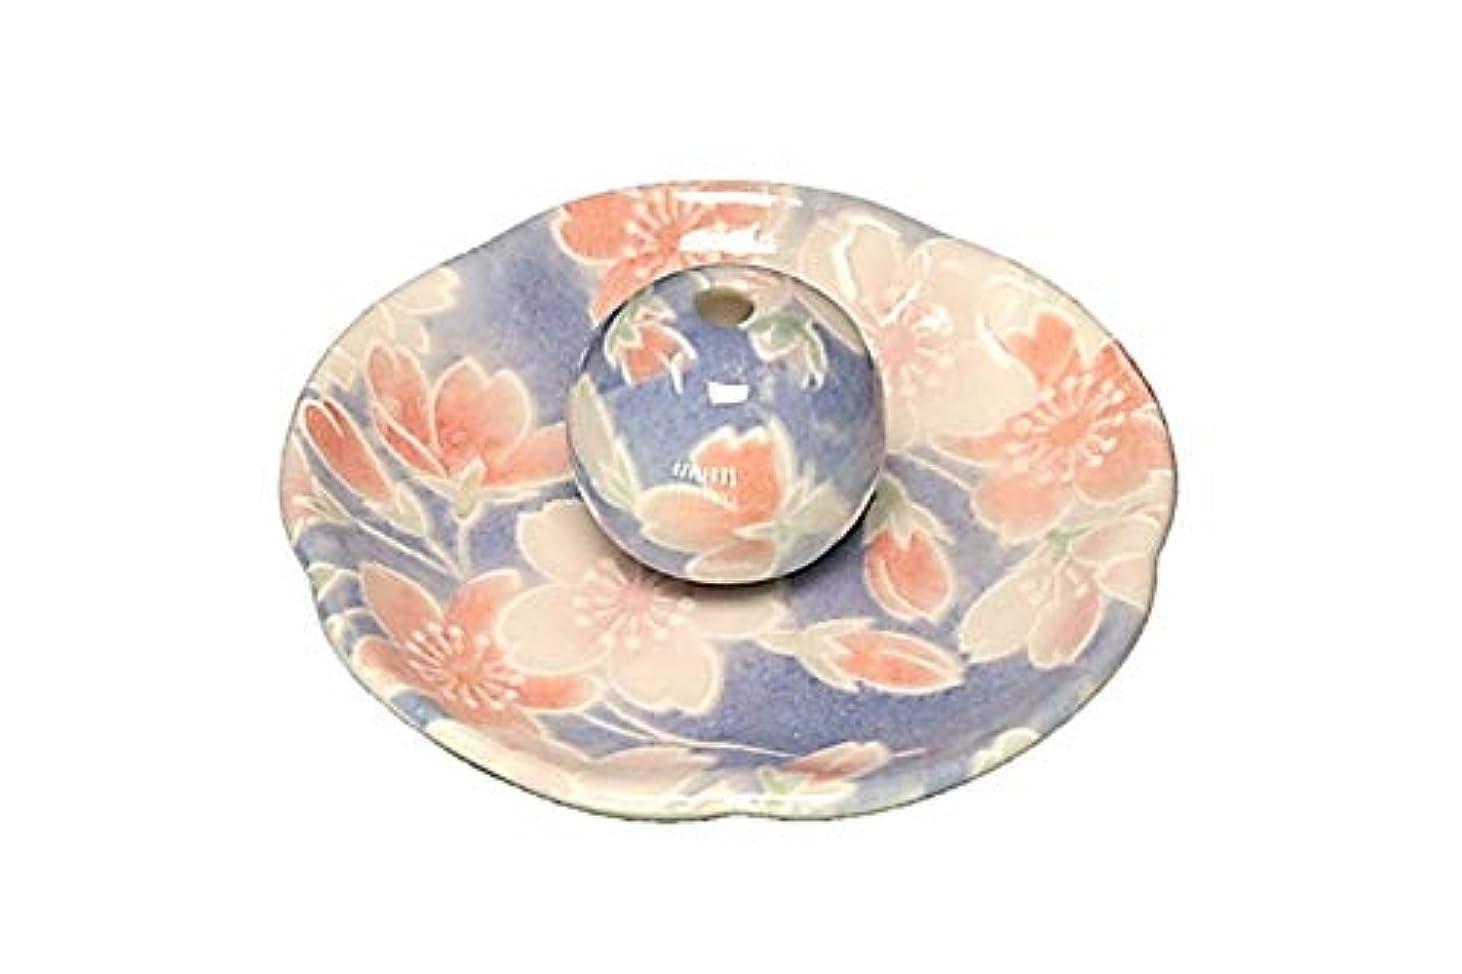 第満州消す染桜 花形香皿 お香立て お香たて 日本製 ACSWEBSHOPオリジナル